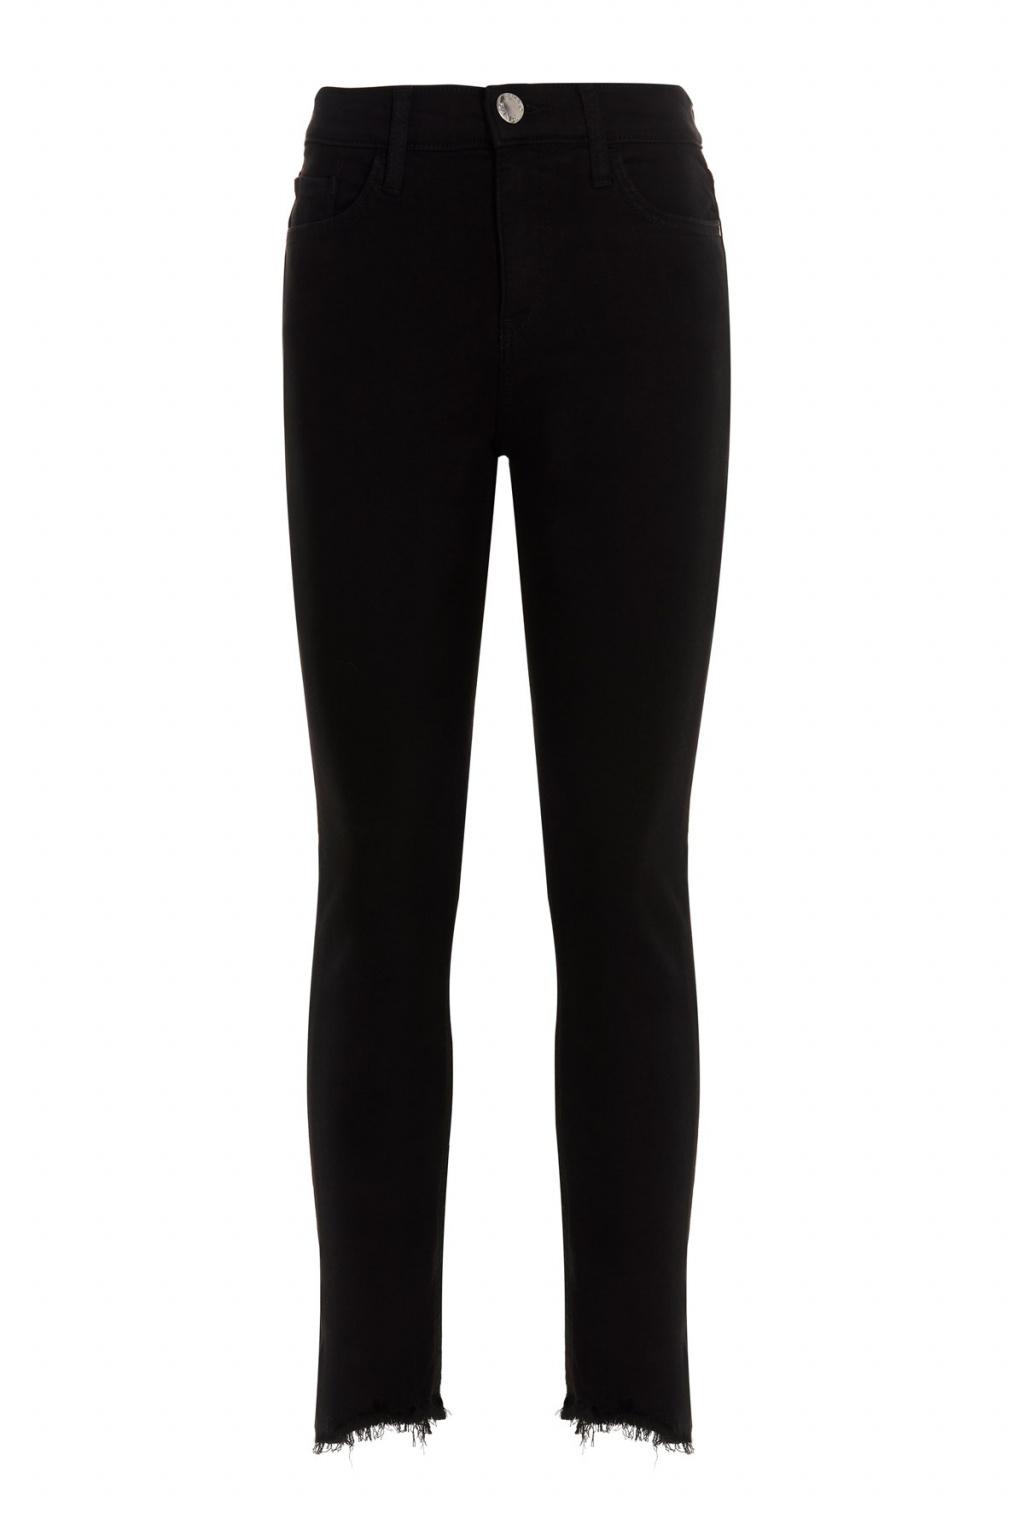 Dámské džíny Sabrina 39 černé